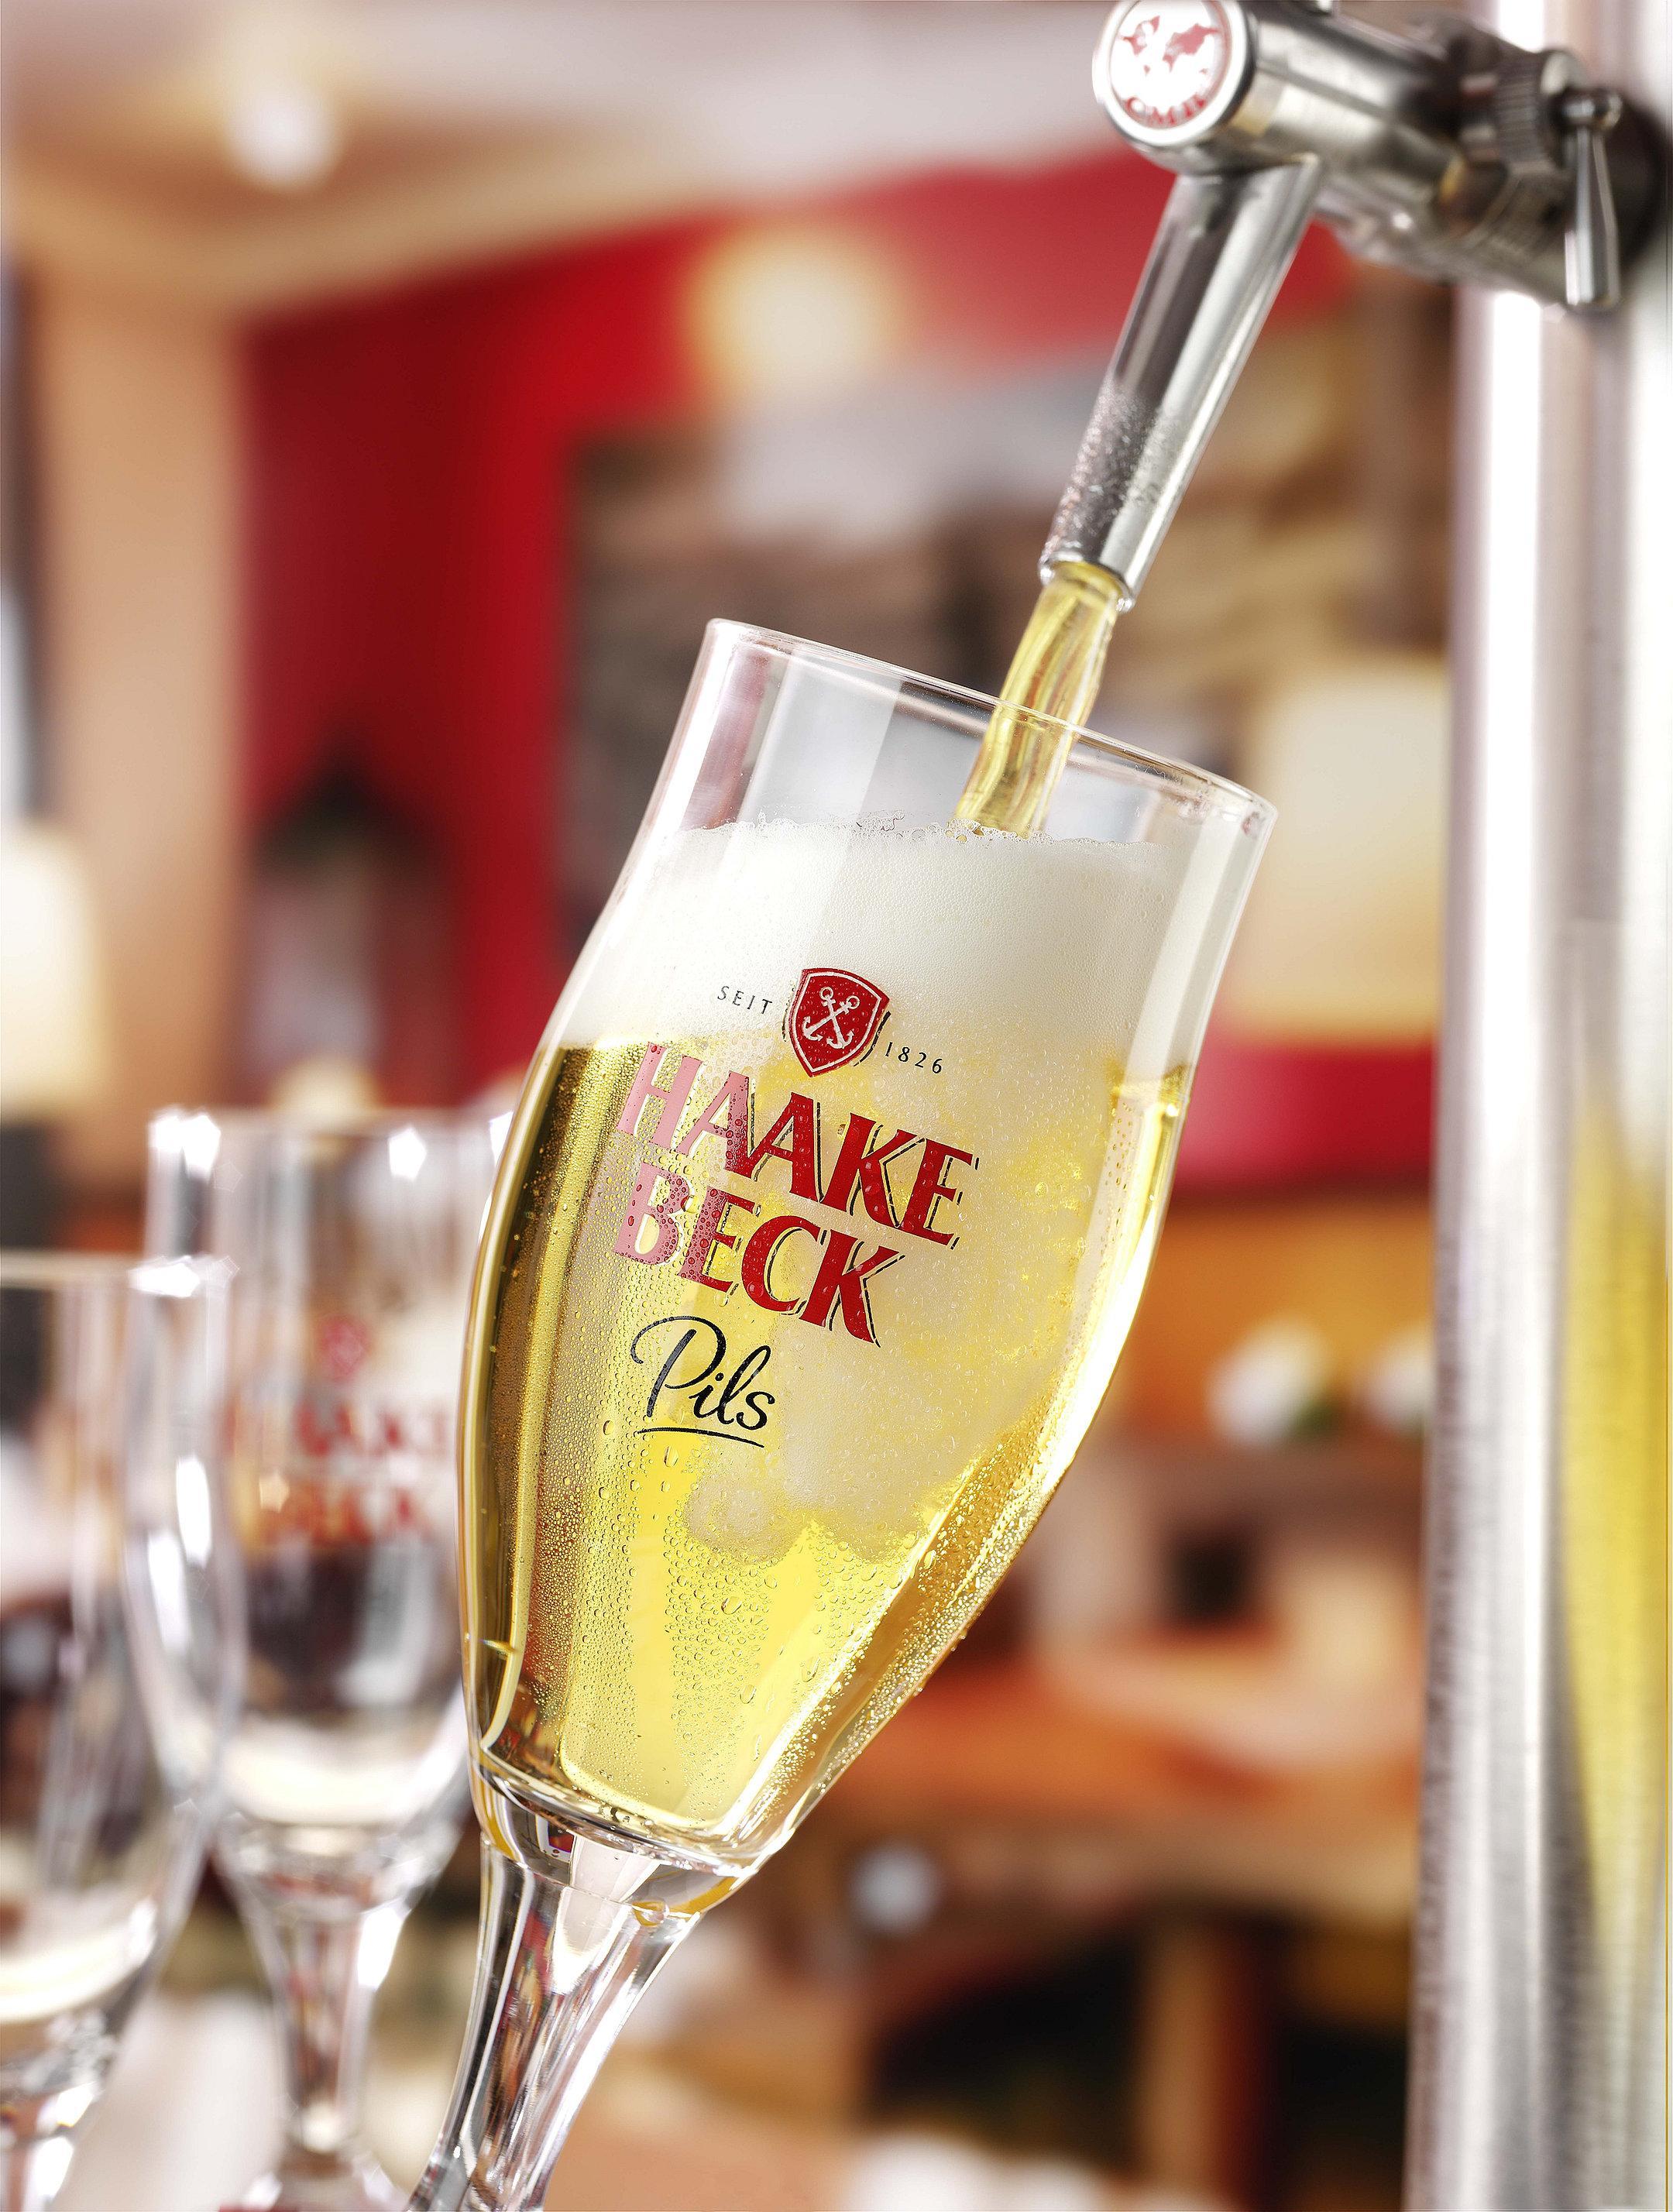 Haake Beck Pils Glas wird gezapft